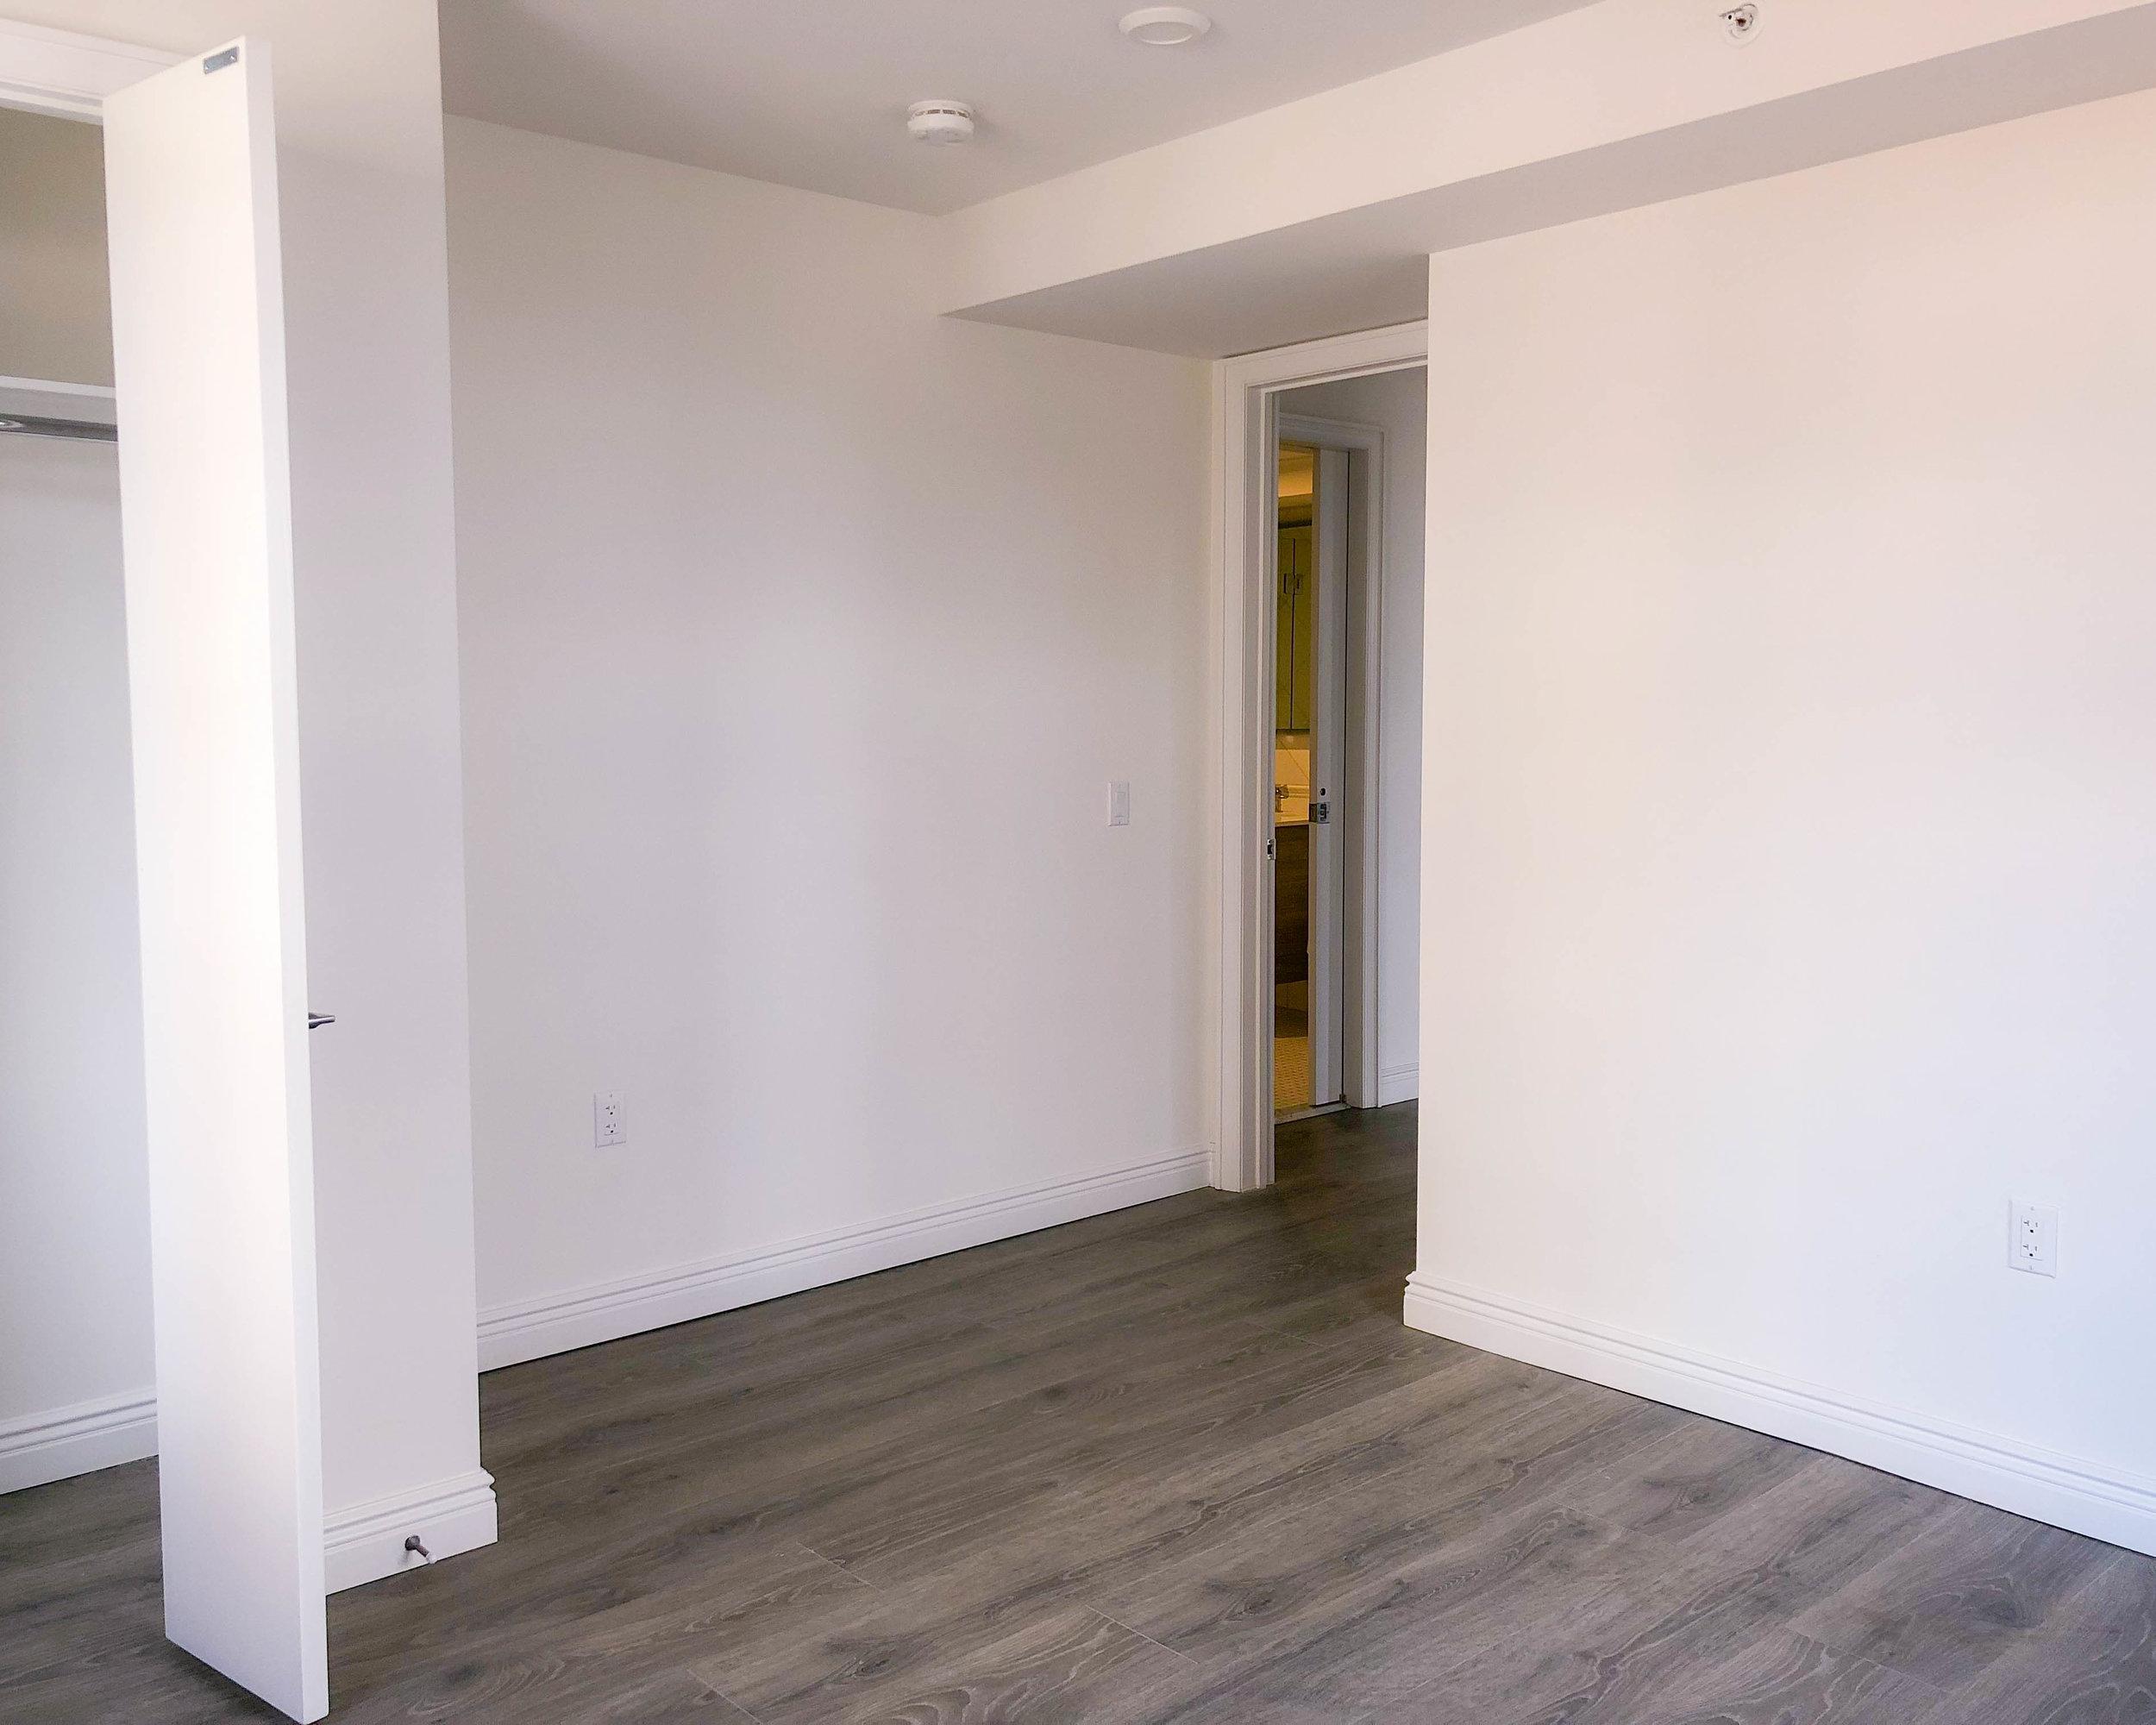 Interior-5911.jpg